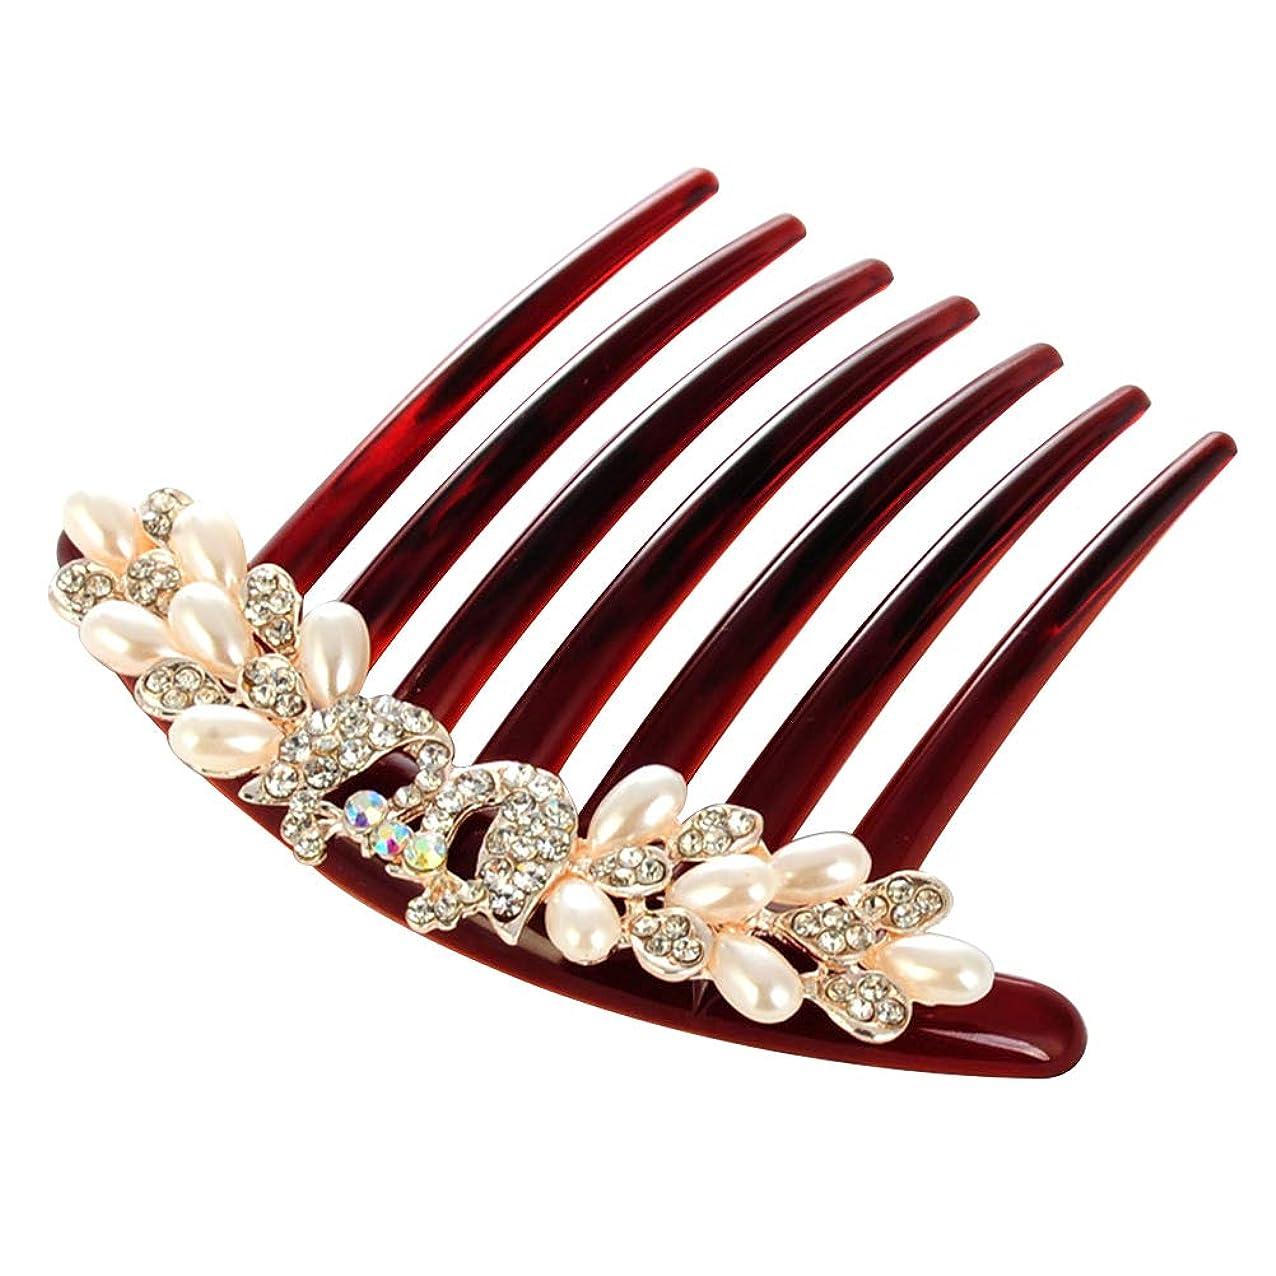 調和アンペアマニアックLURROSE 模造真珠の髪の櫛のクリスタルヘッドドレス繊細なラインストーンの花嫁の髪飾り(孔雀)